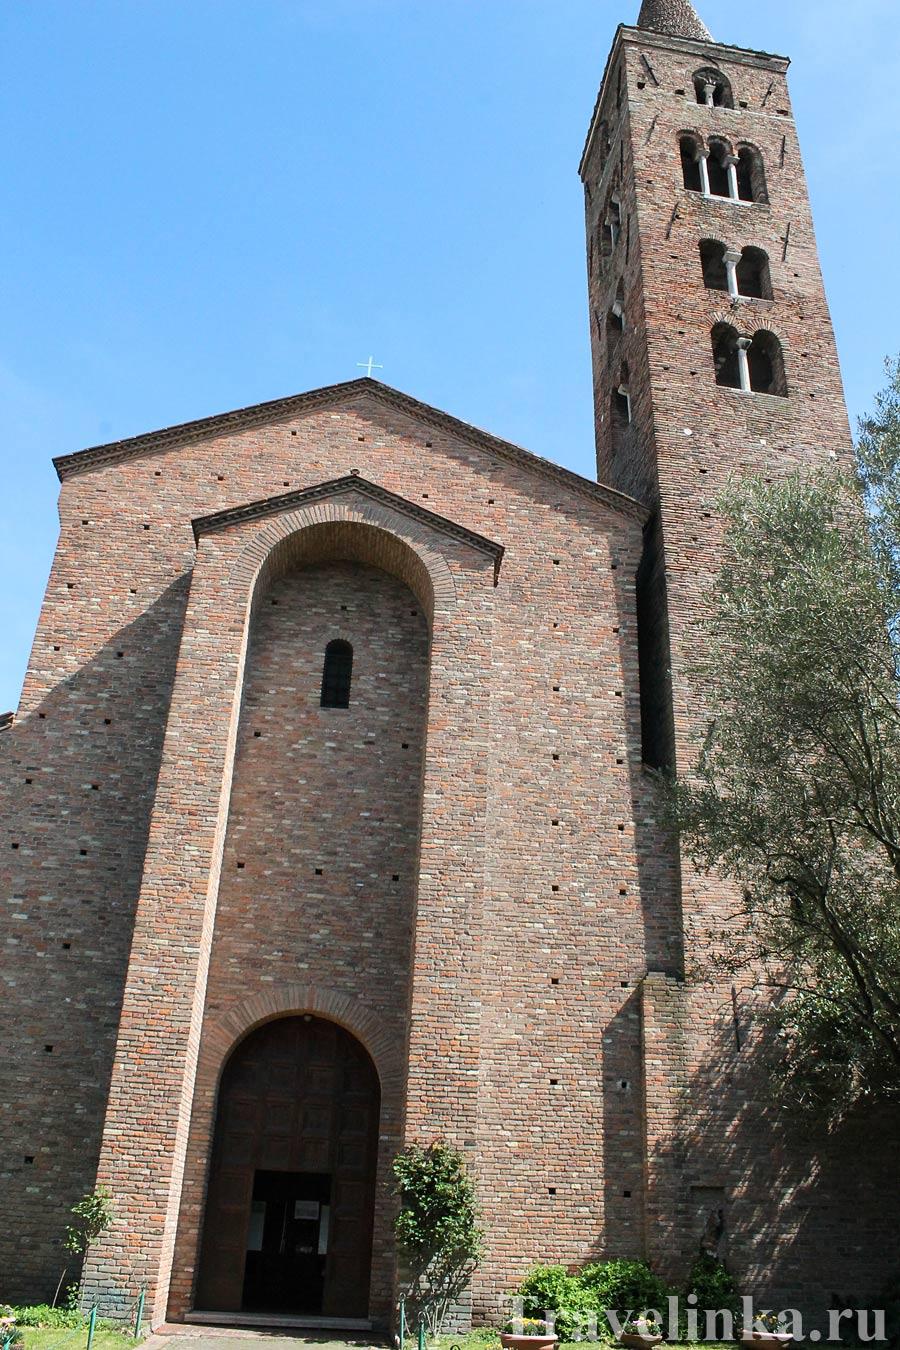 Церковь Святого Иоанна-евангелиста в Равенне